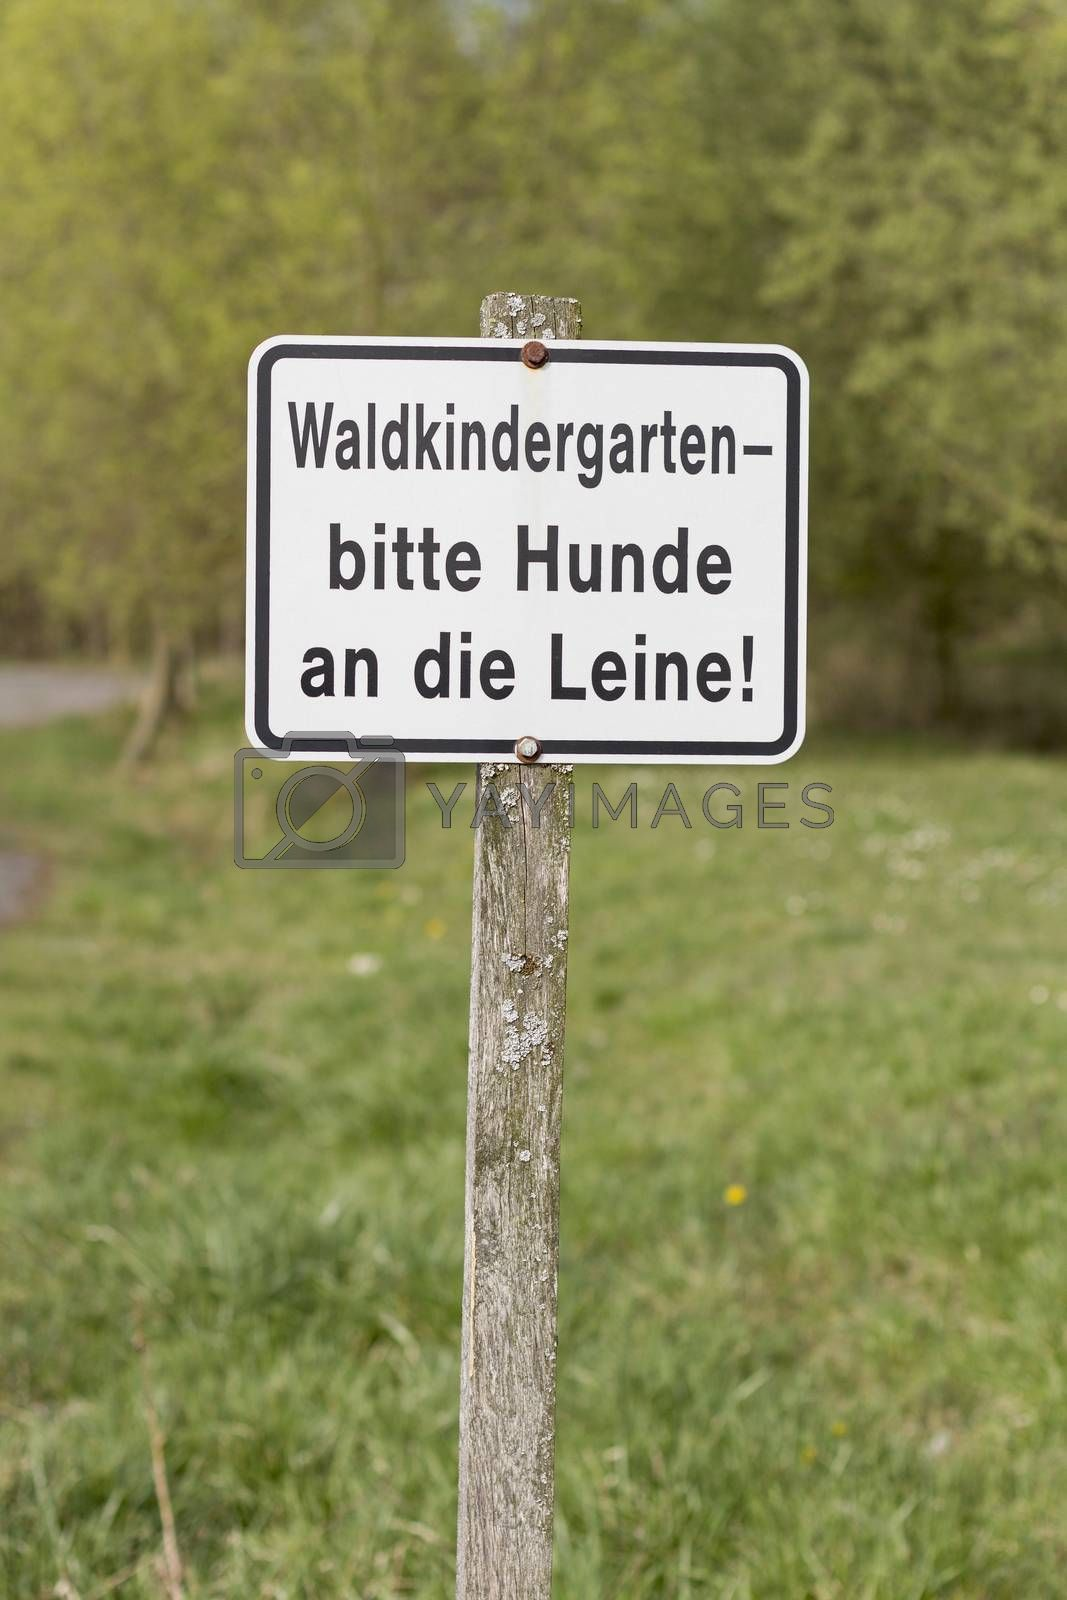 german sign on wooden pole. waldkindergarten, hunde bitte an die leine